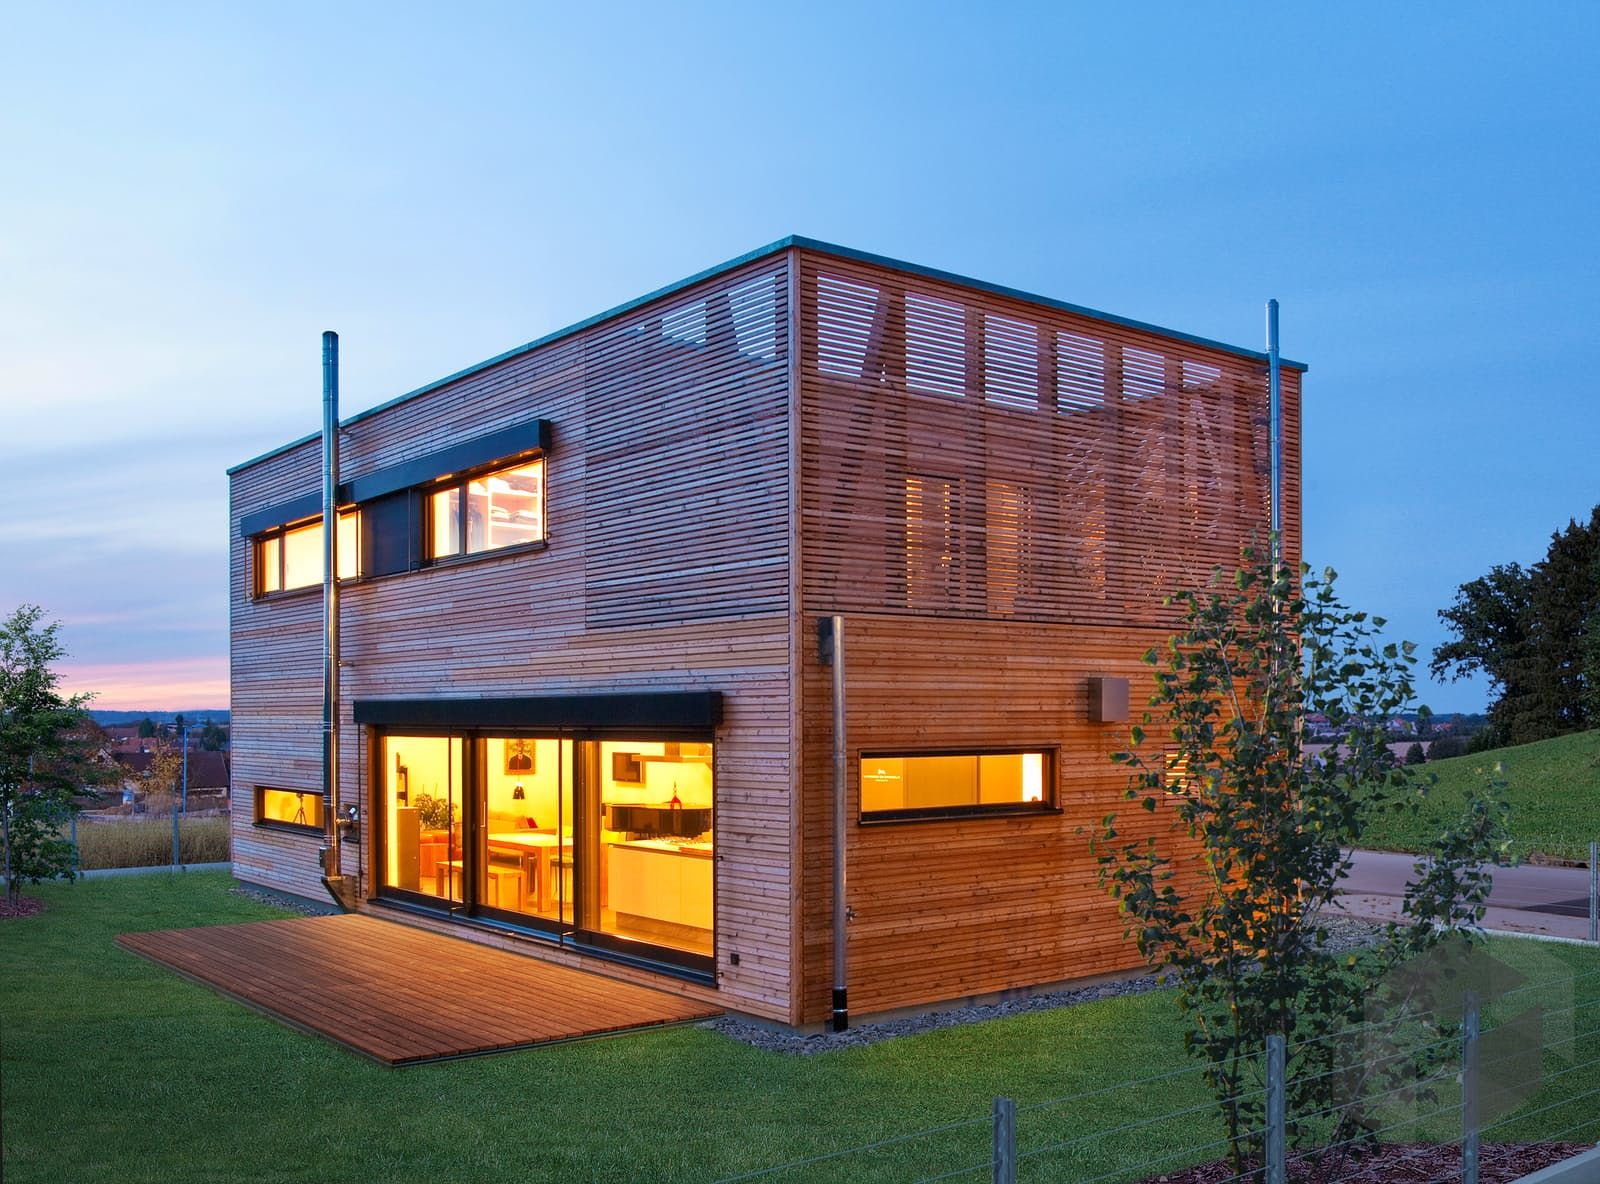 Haus Mit Dachterrasse Bauen finde eine große auswahl an häusern mit dachterrasse beim klicken